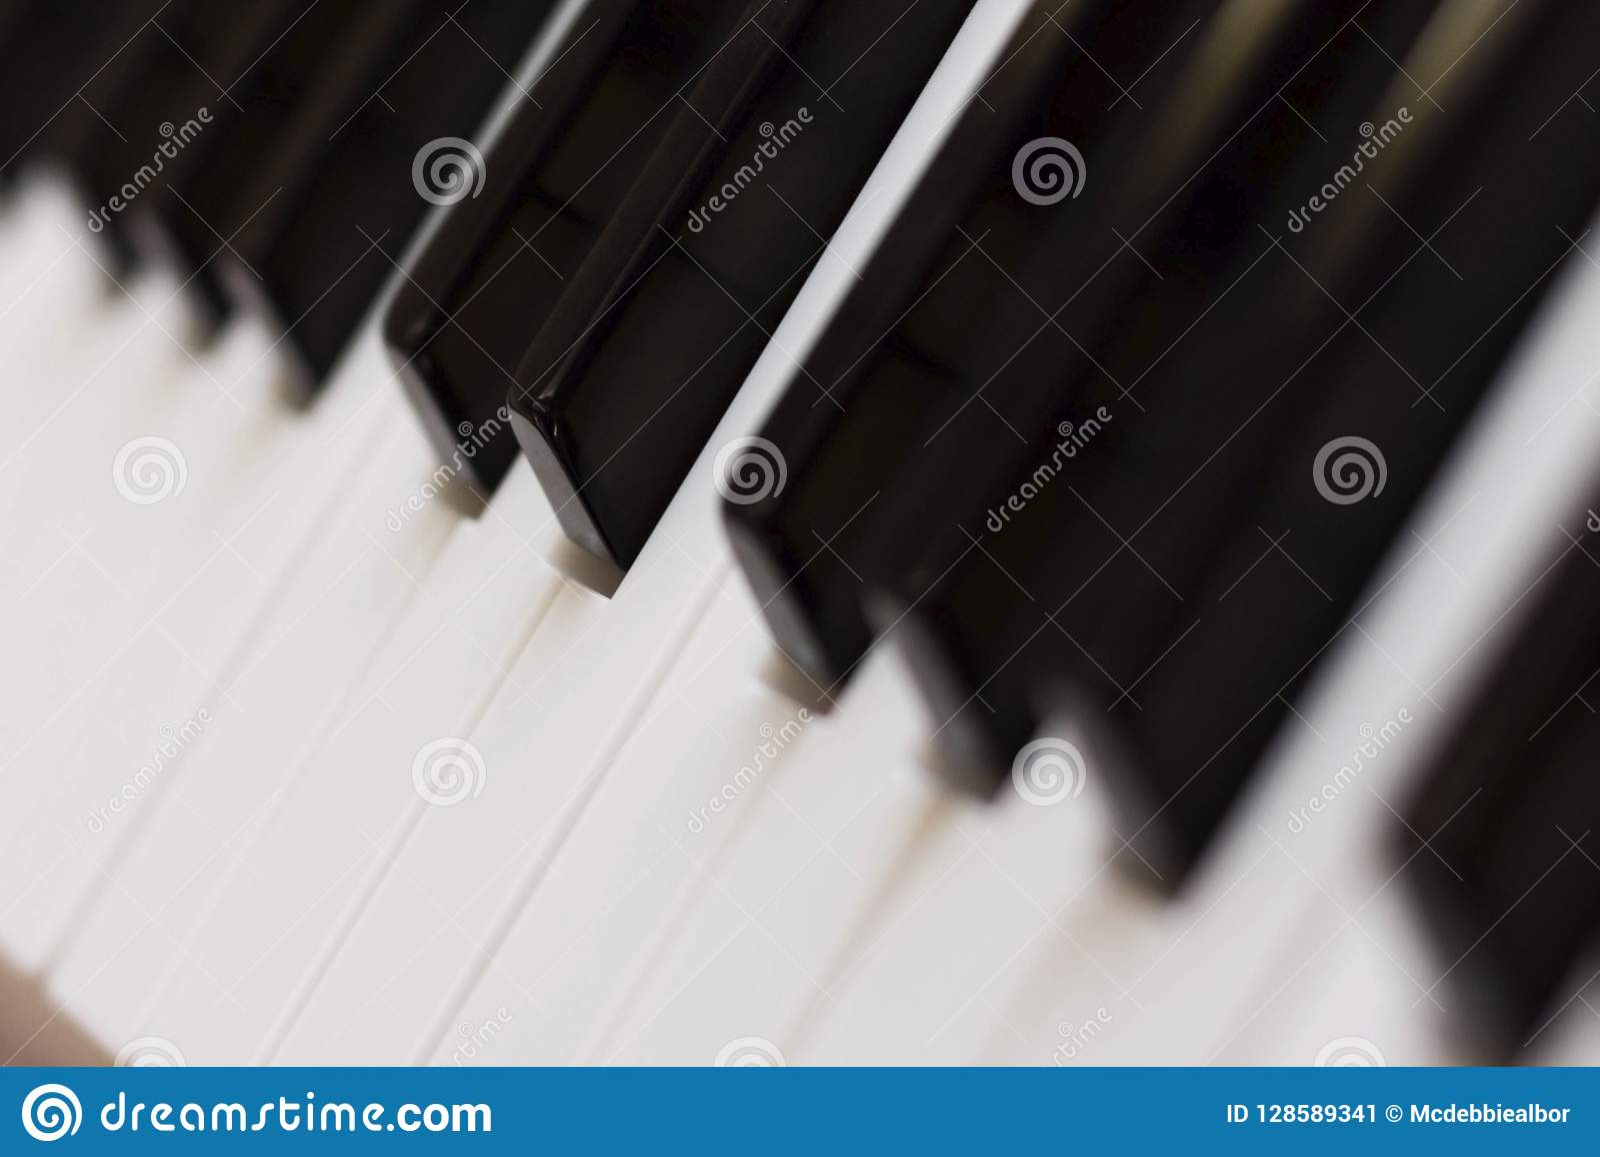 Posizione di inclinazione di chiavi di tastiera del piano